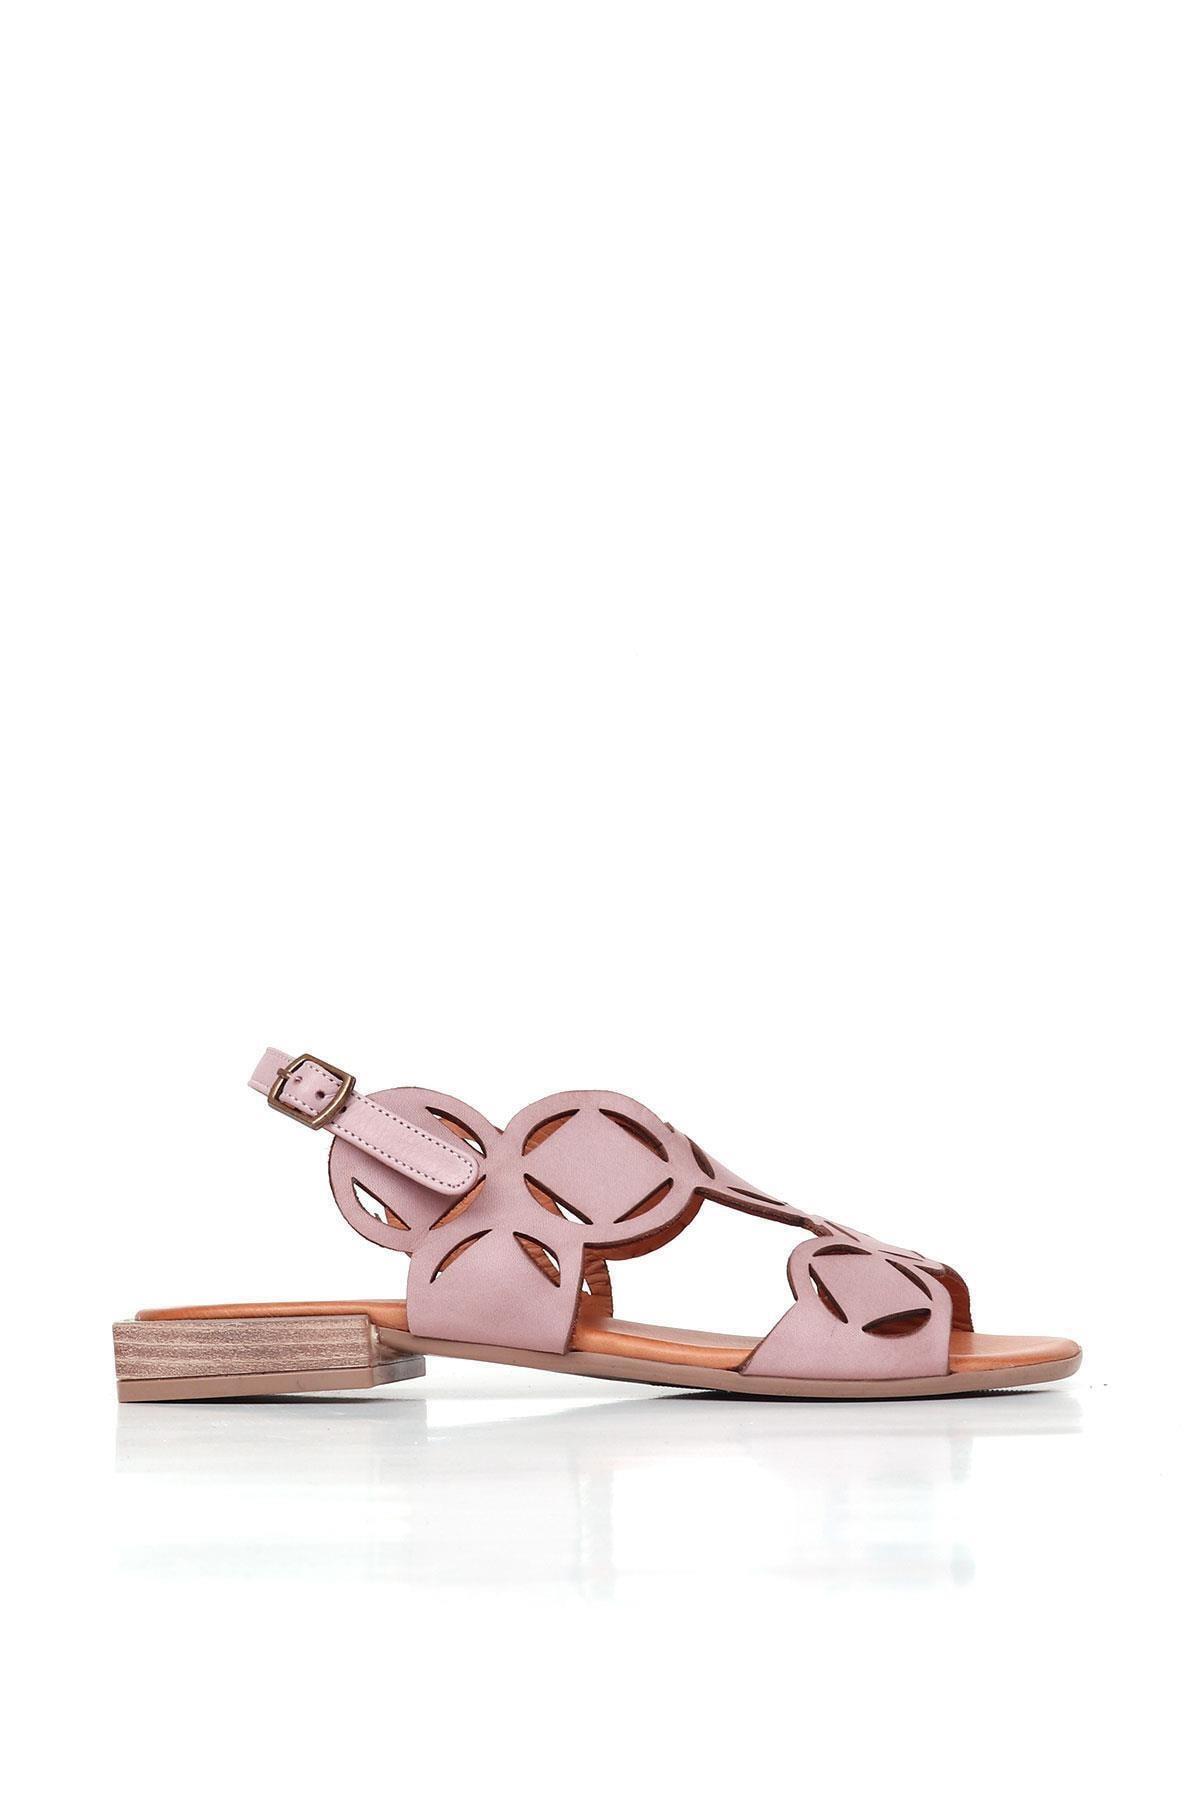 BUENO Shoes Kemerli Hakiki Deri Kadın Düz Sandalet 20wq5601 1